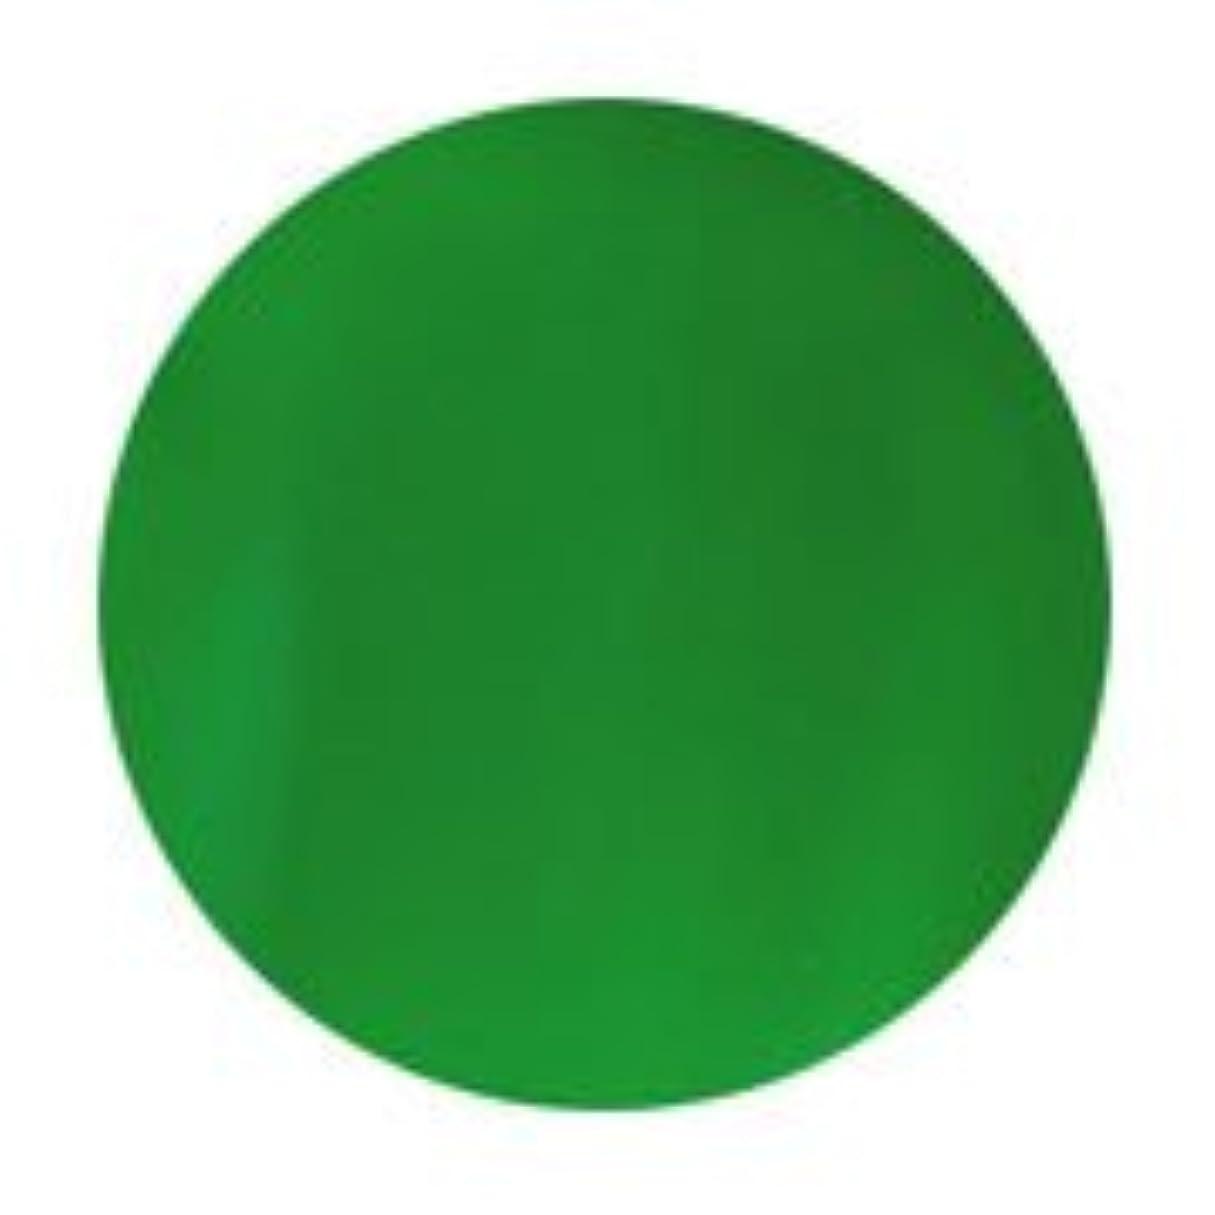 柱フェッチチャレンジPutiel(プティール) カラージェル ポップ 3g<BR>P14 ネオングリーン